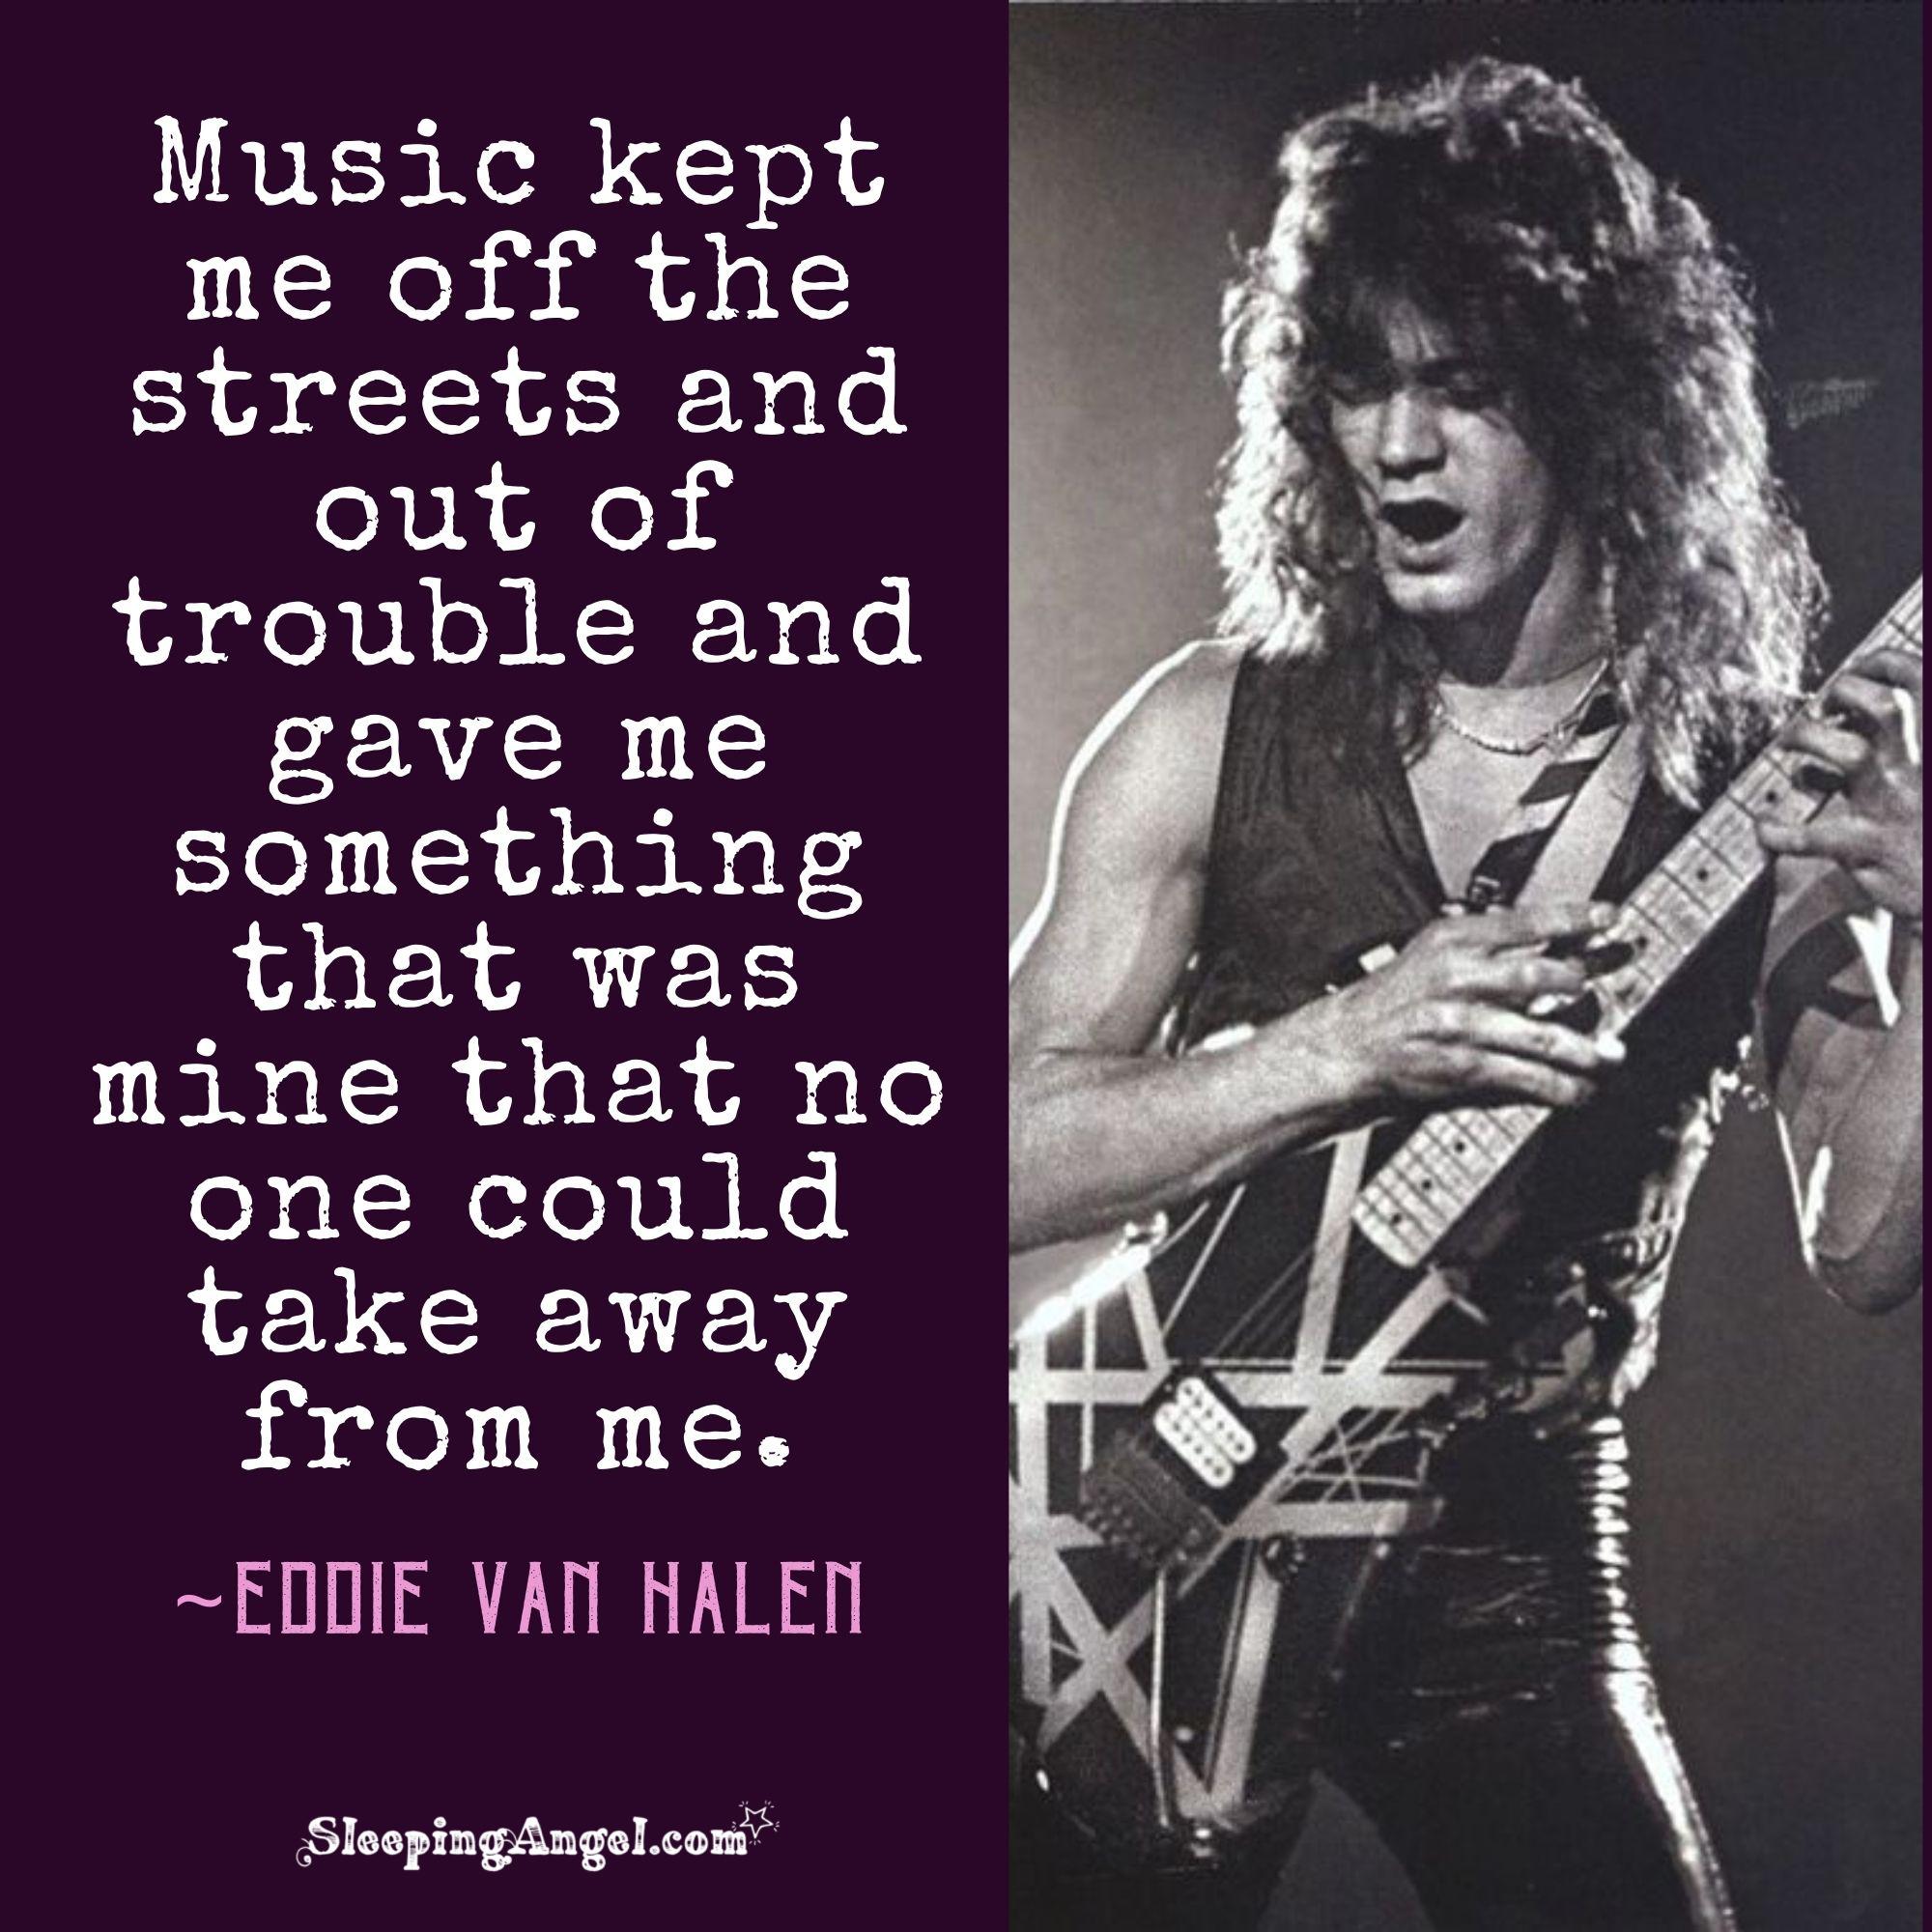 Eddie Van Halen Quote